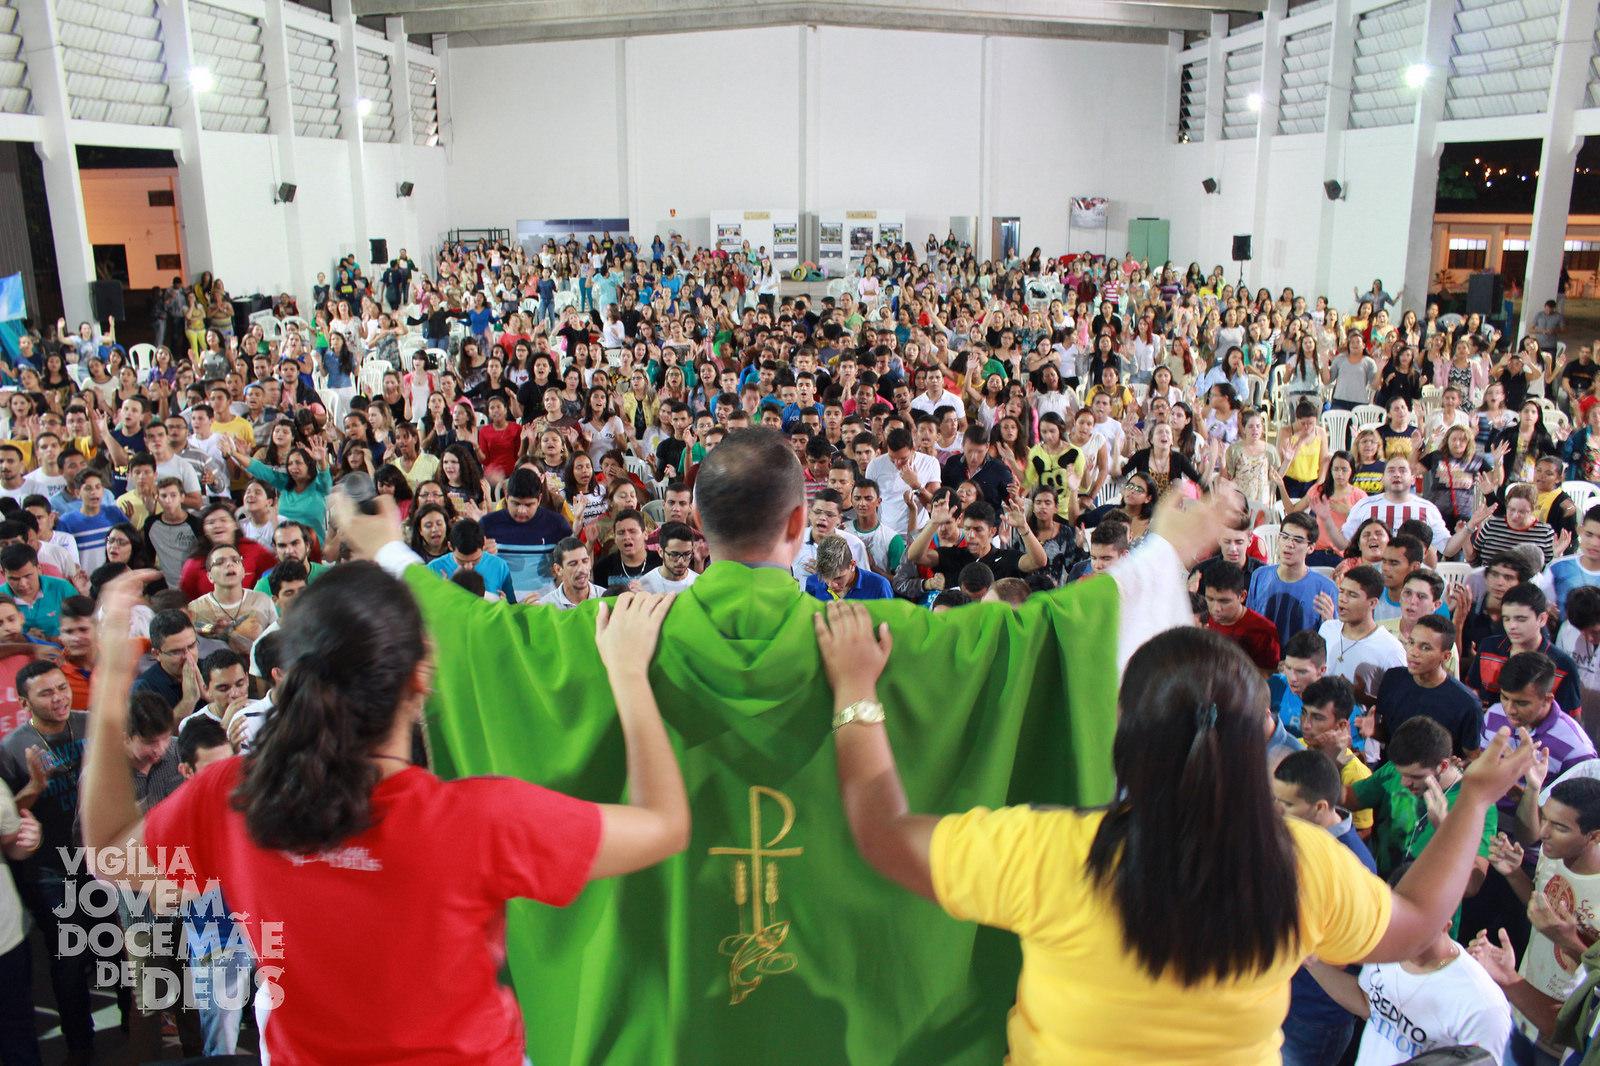 Vigília Jovem Doce Mãe de Deus, em João Pessoa, completa 7 anos